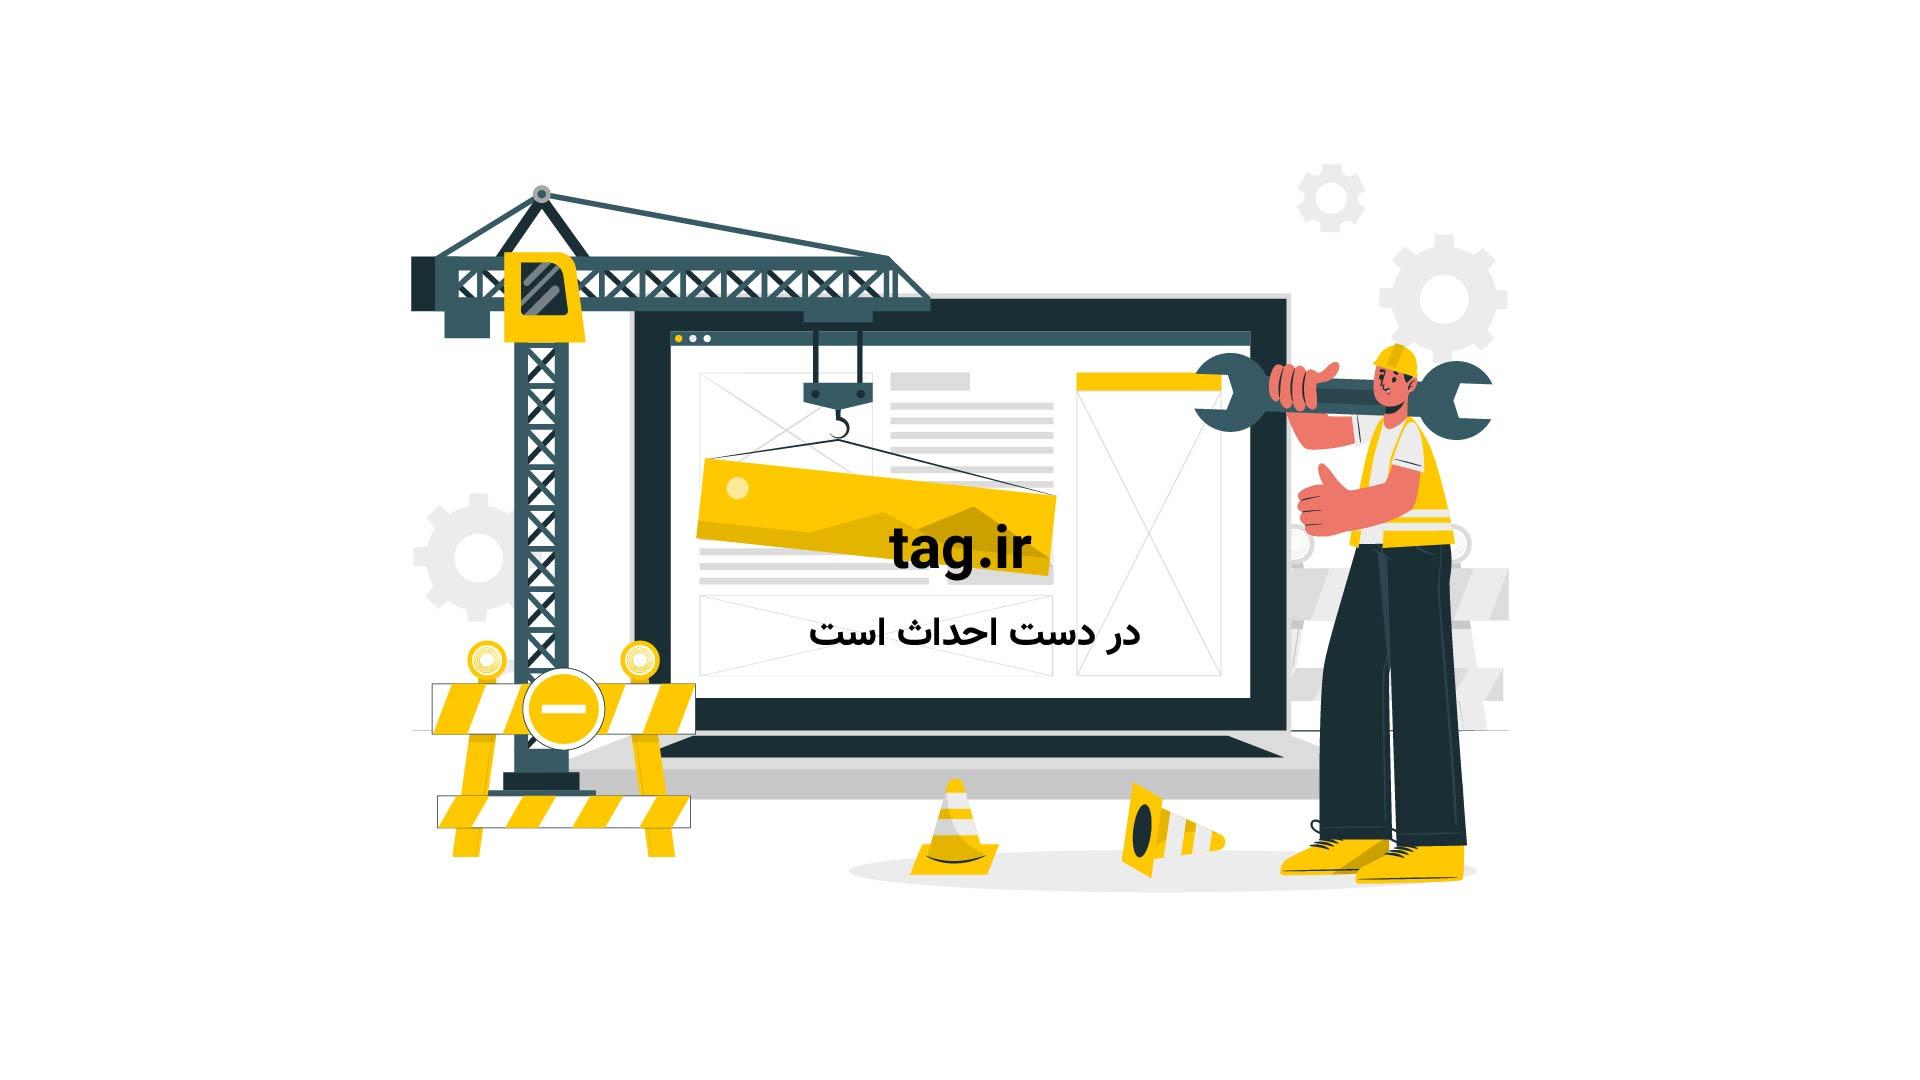 پای سیب گل رز | تگ